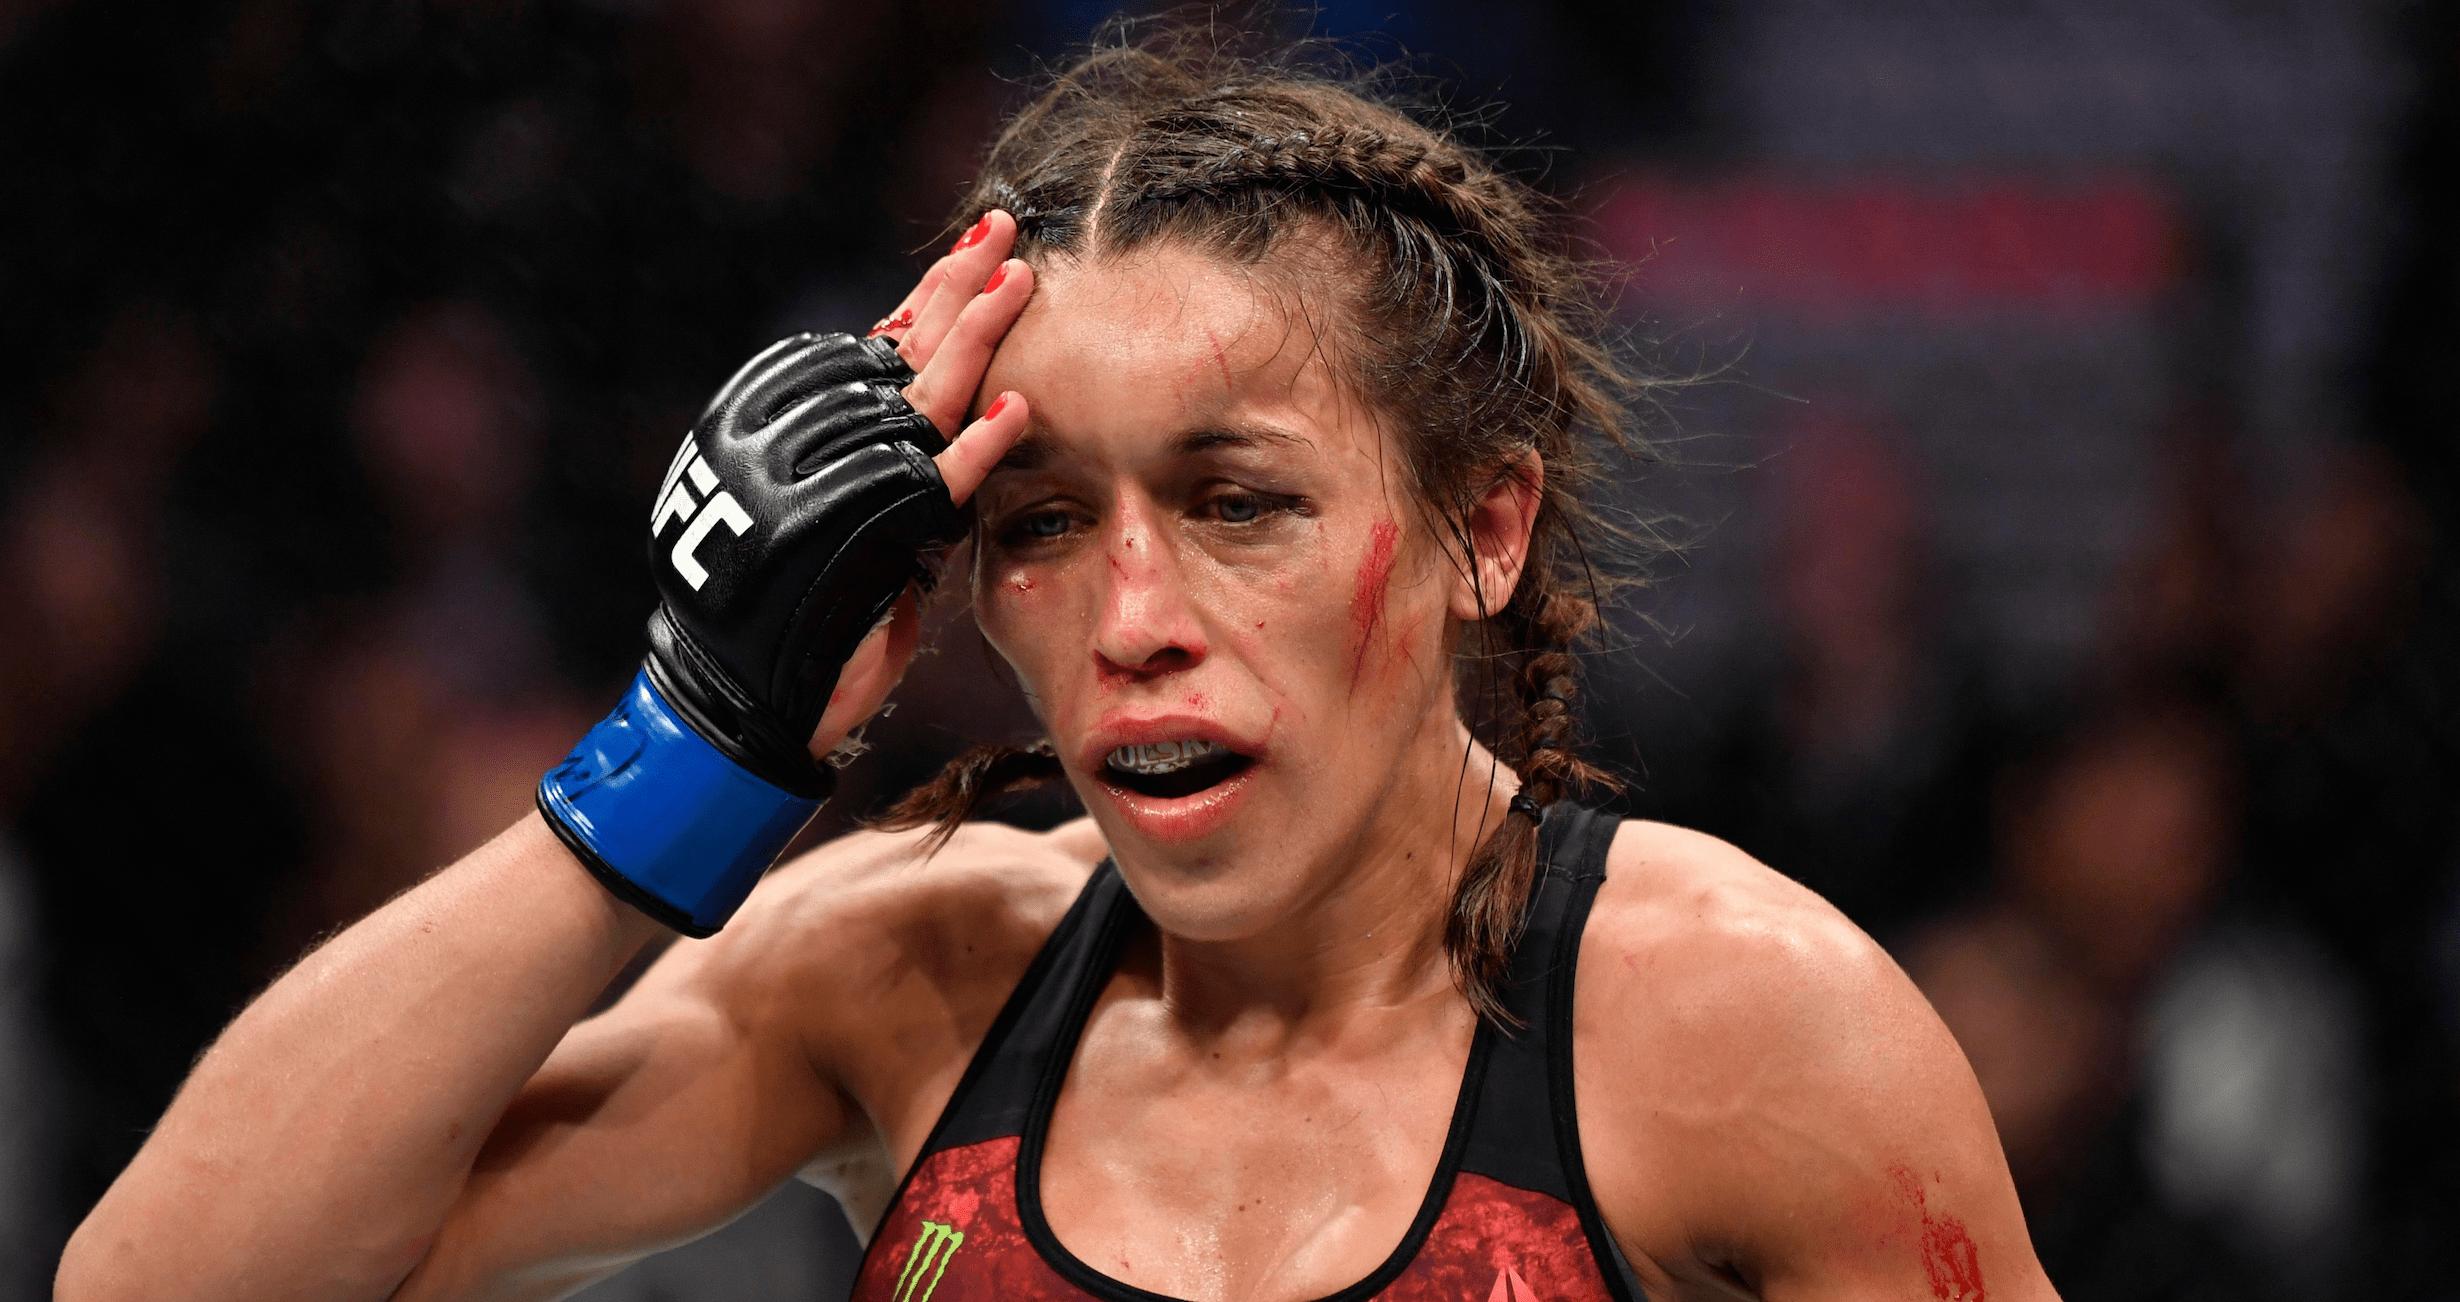 UFC: Joanna Jedrzejczyk Opens Up On The Negative Side Of Fighting